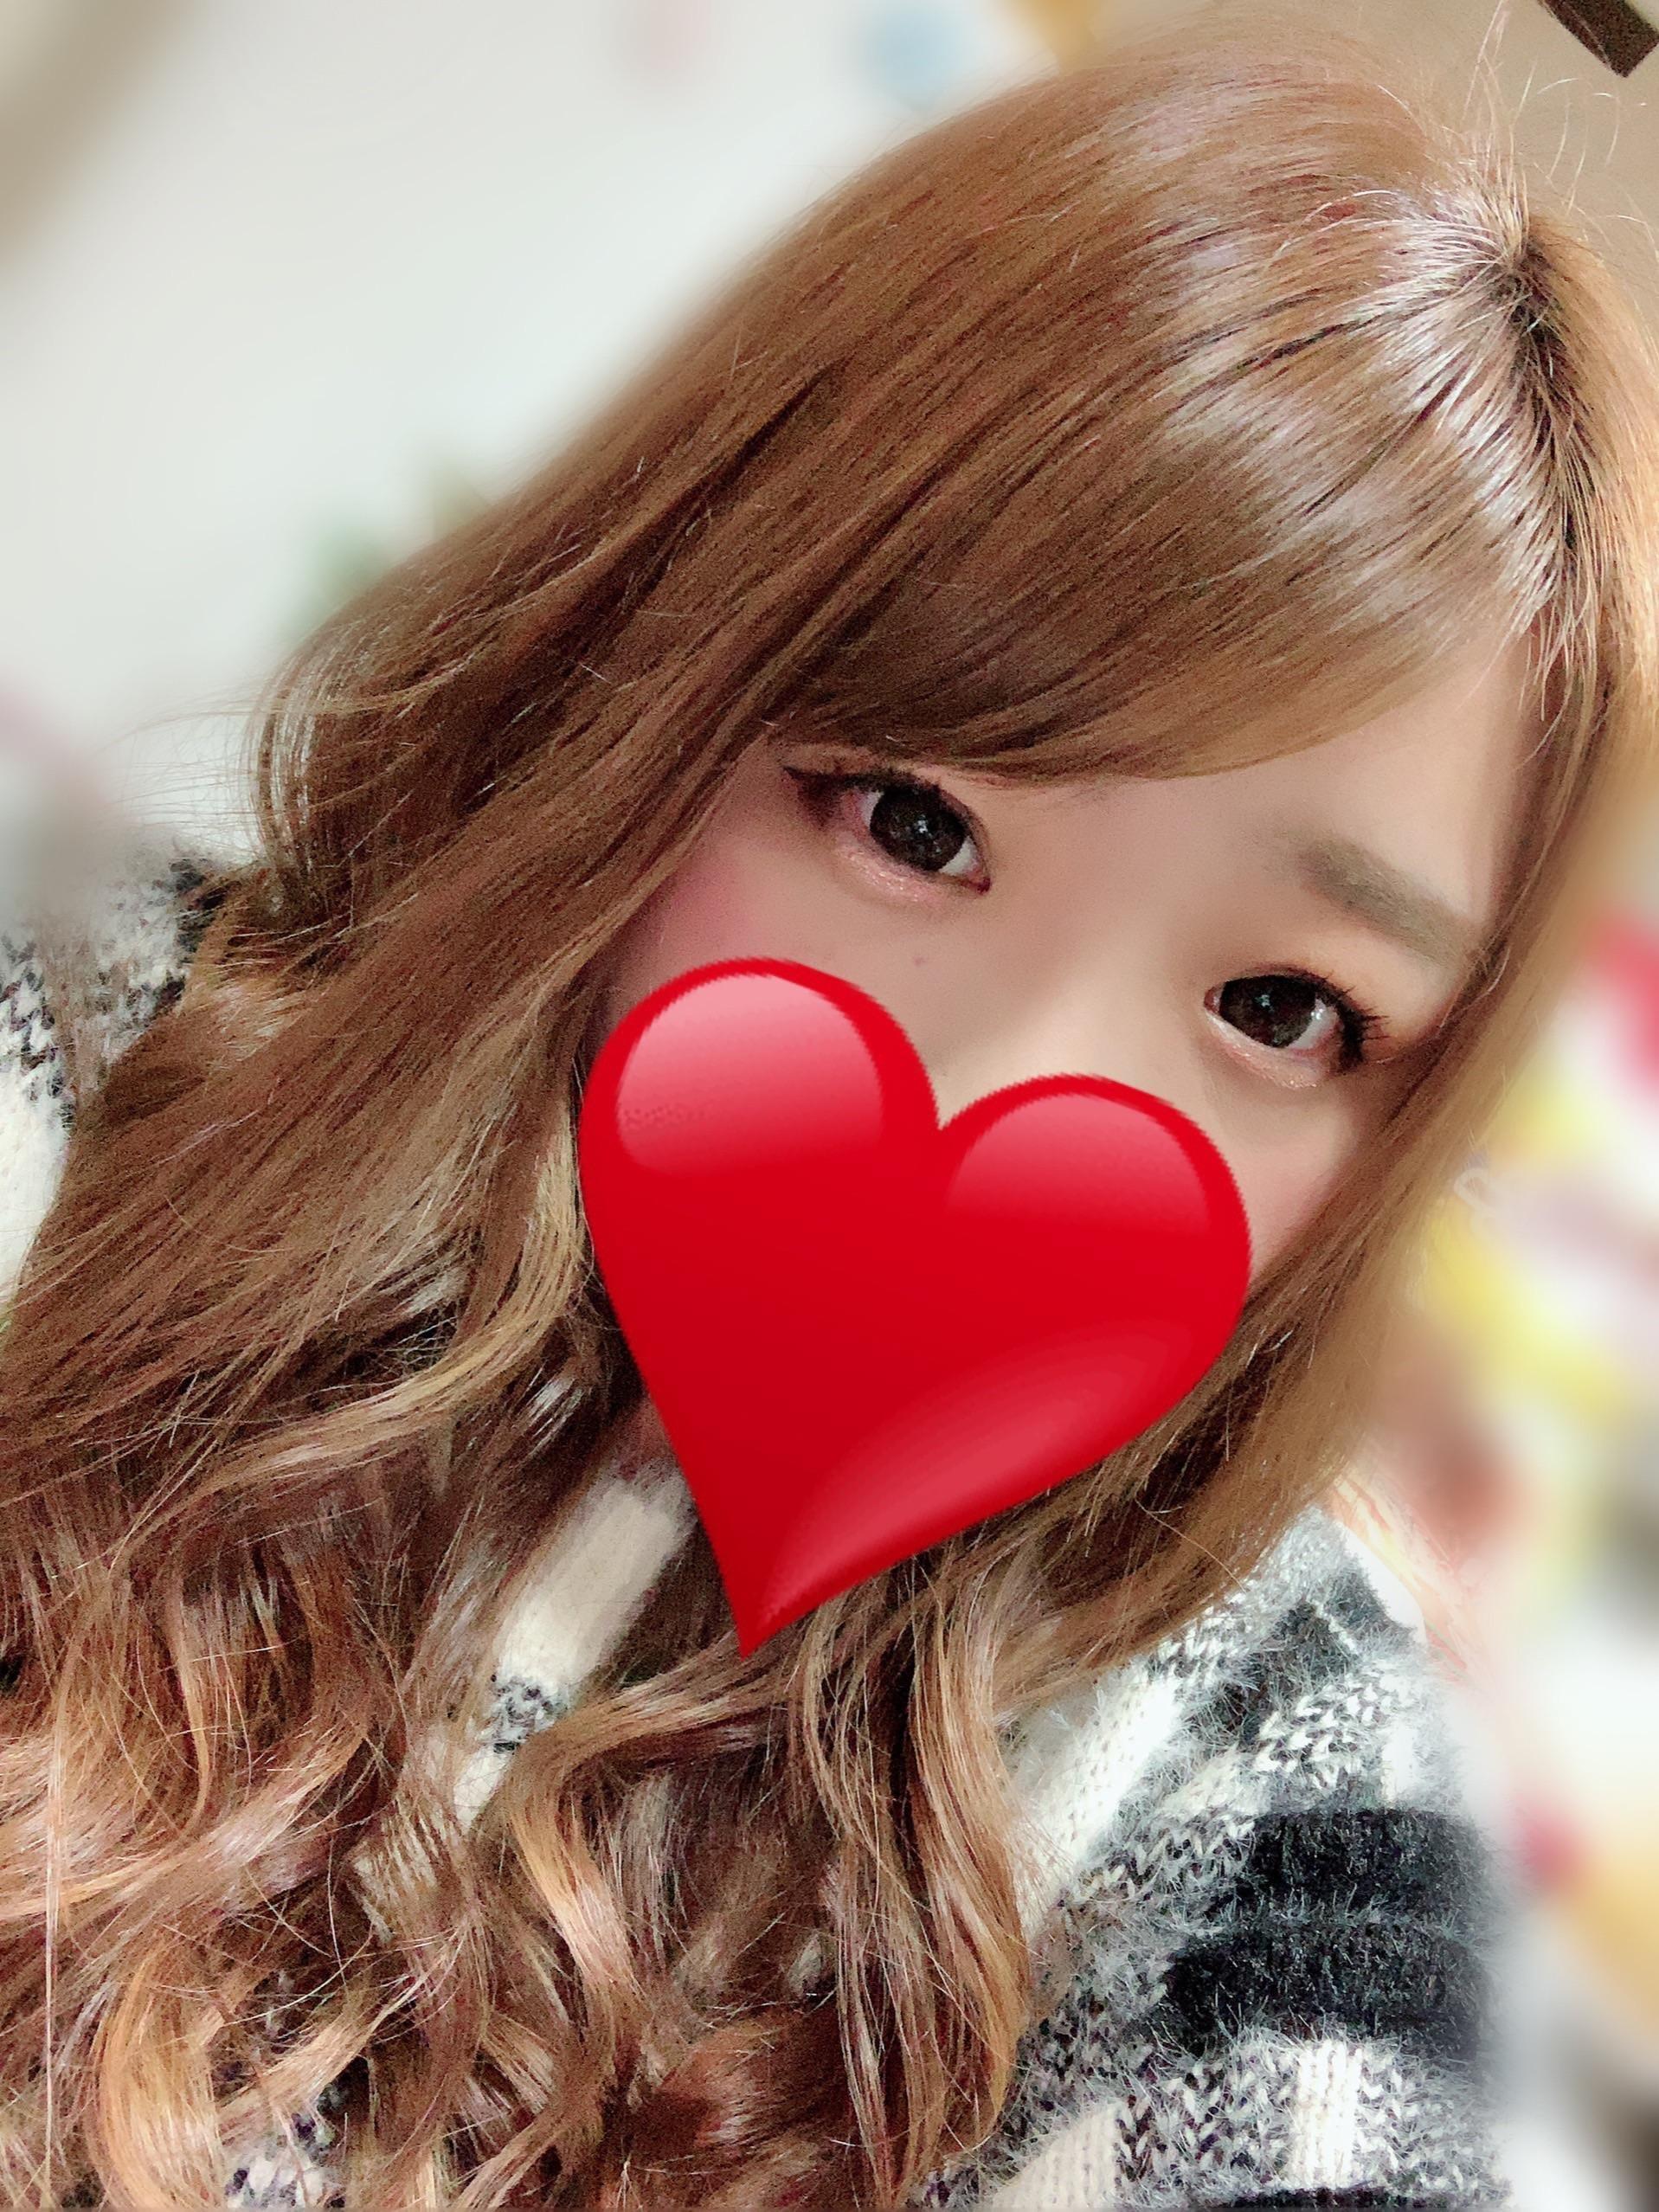 「お礼♡♡」12/15(12/15) 17:06 | はるかの写メ・風俗動画